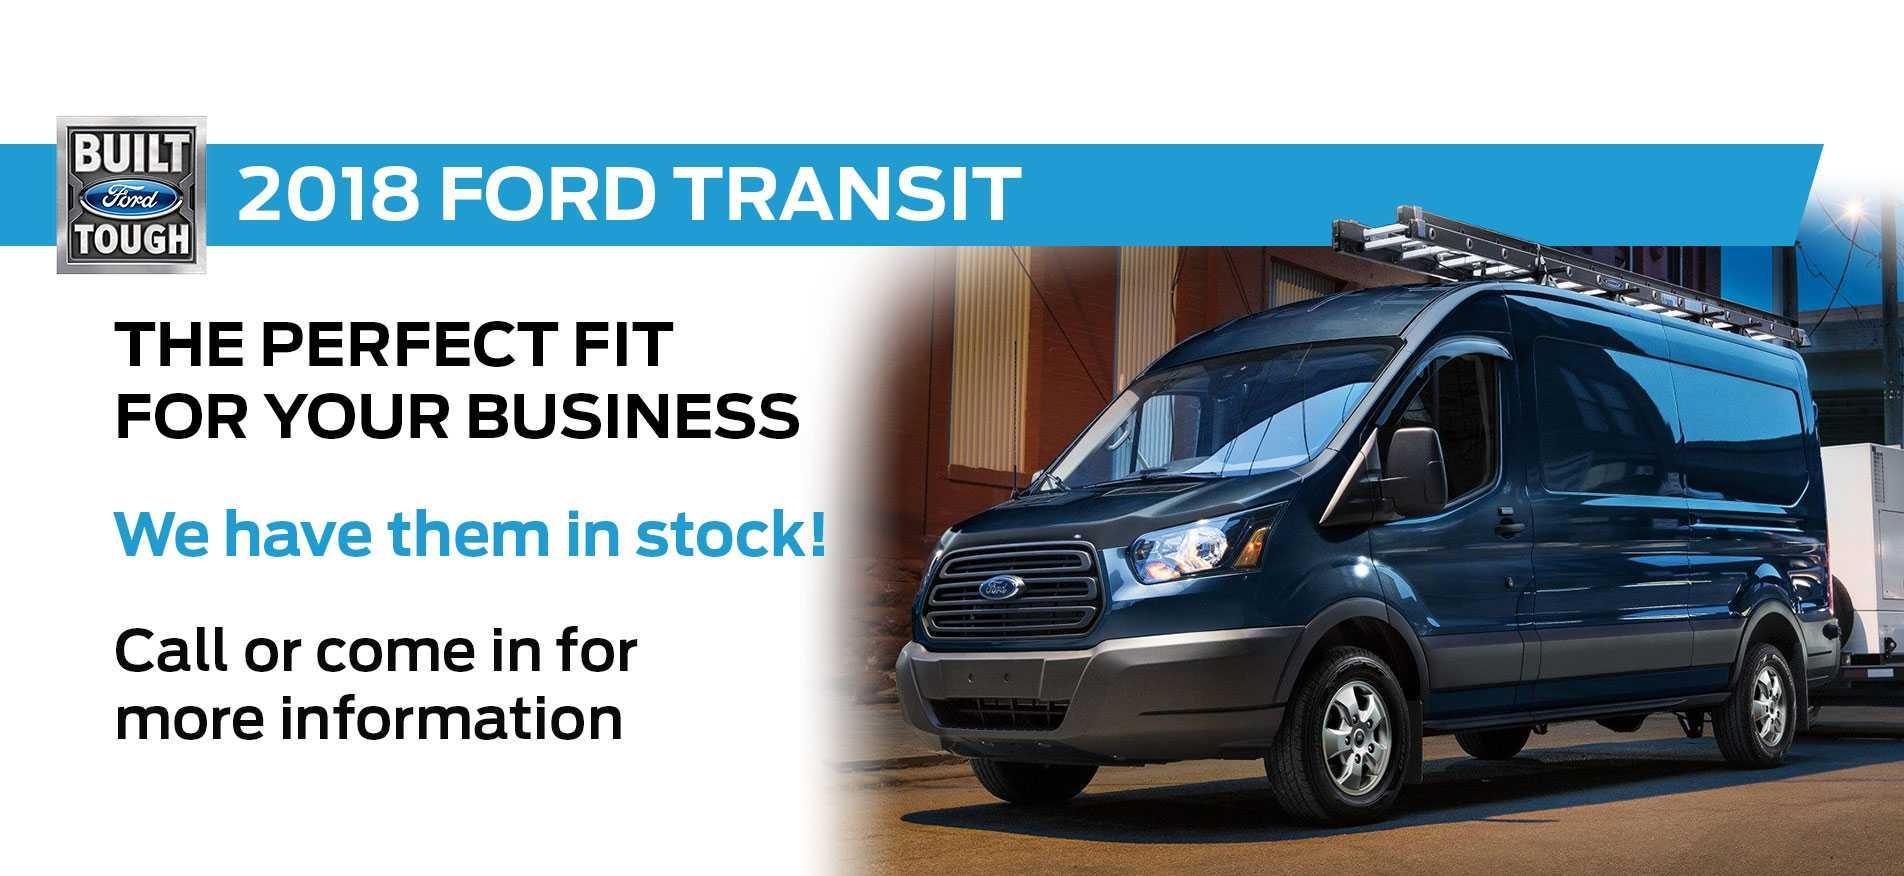 2018 Transit in Stock